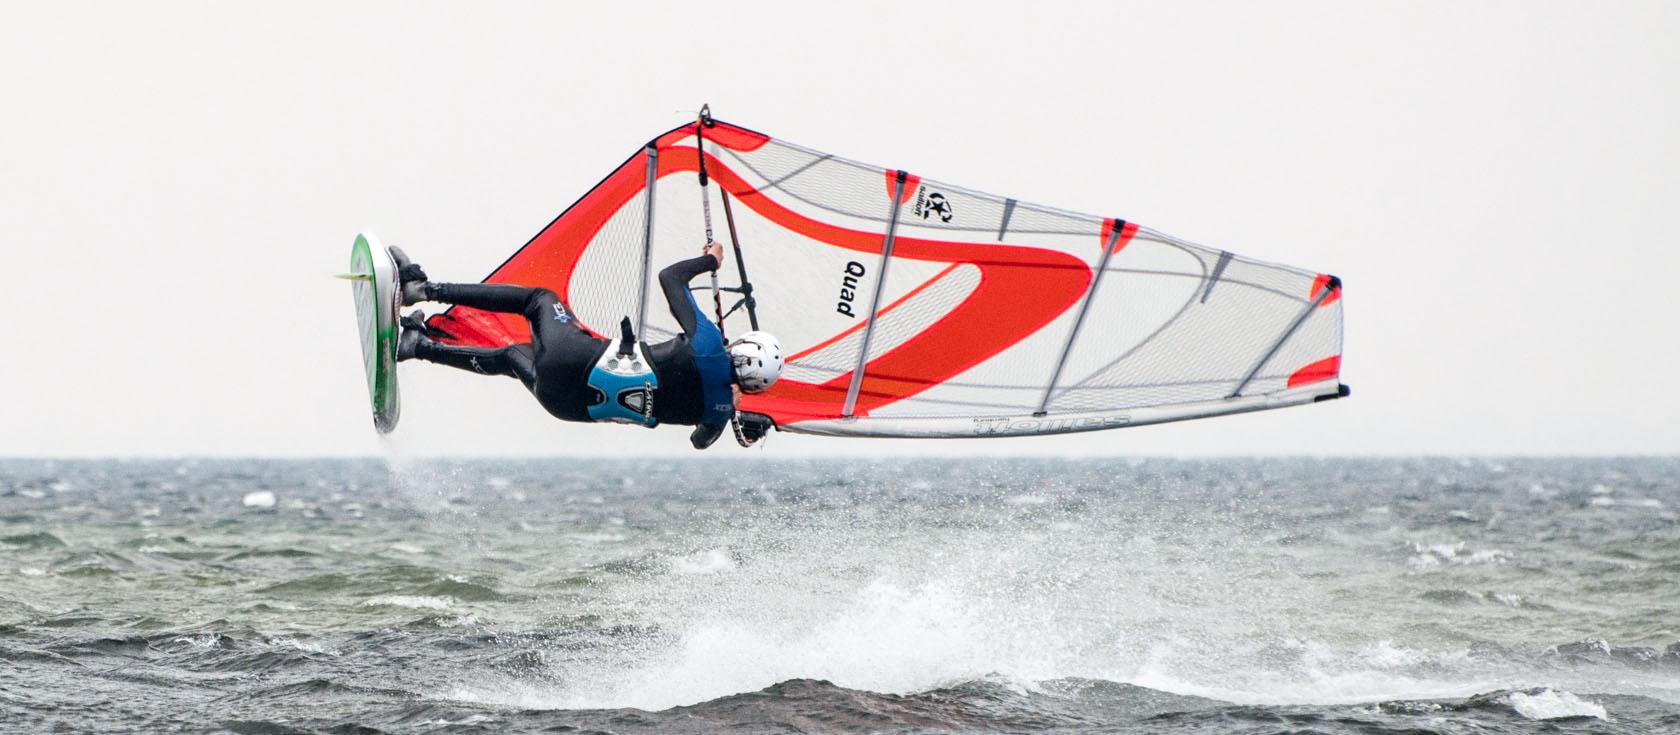 lomma_vindsurfing_skåne_malmö